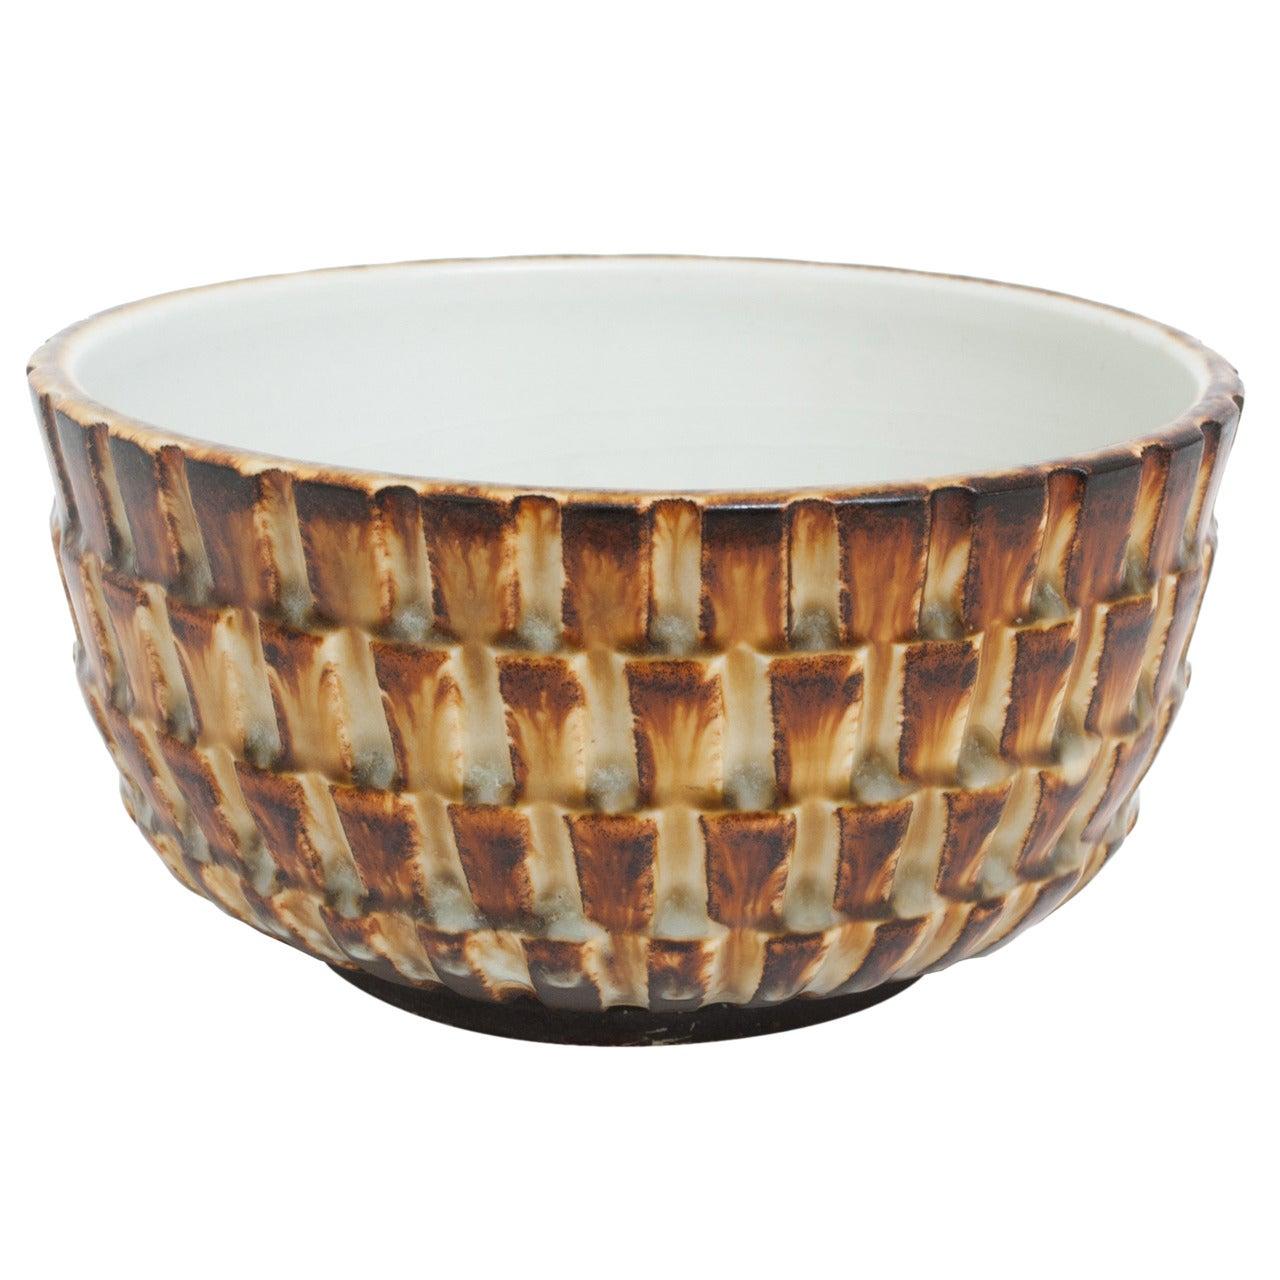 Scandinavian Modern Textured Ceramic Bowl by Gertrud Lonegren, Rörstrand